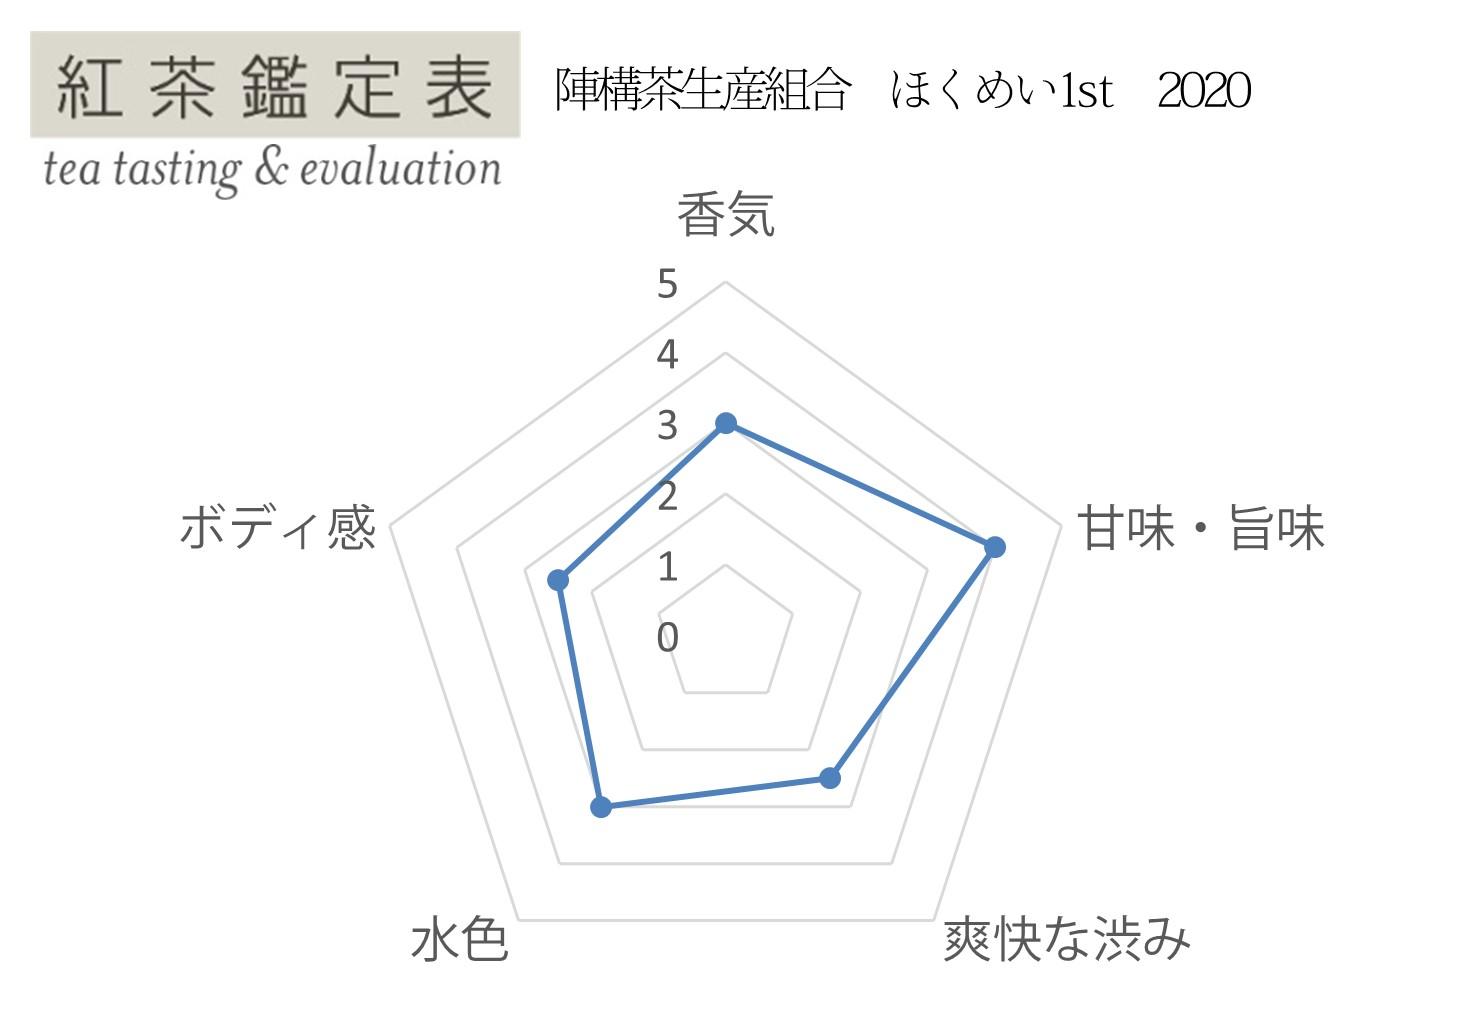 【紅茶鑑定表】陣構茶生産組合 ほくめい1st